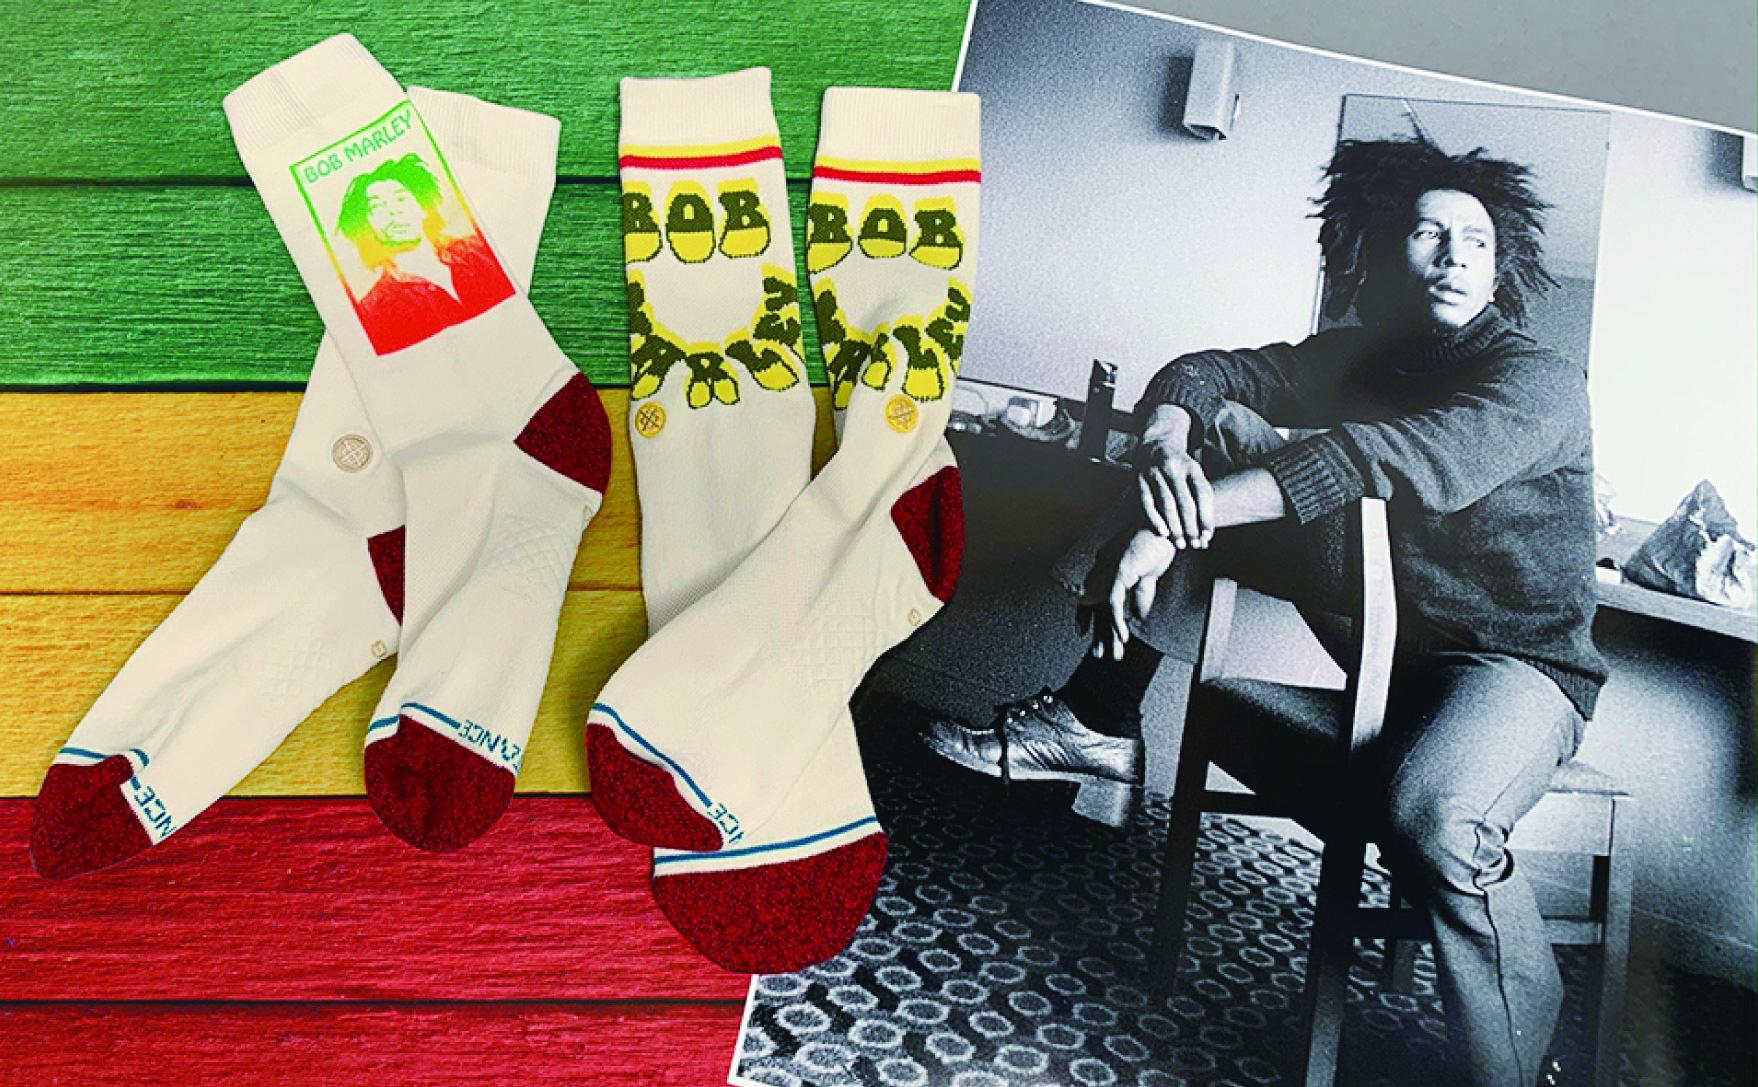 レゲエ音楽の神様ボブ・マーリーとのコラボモデルは、素材に 麻をブレンドした1足。最新モデルをギフト!価格は3,850円